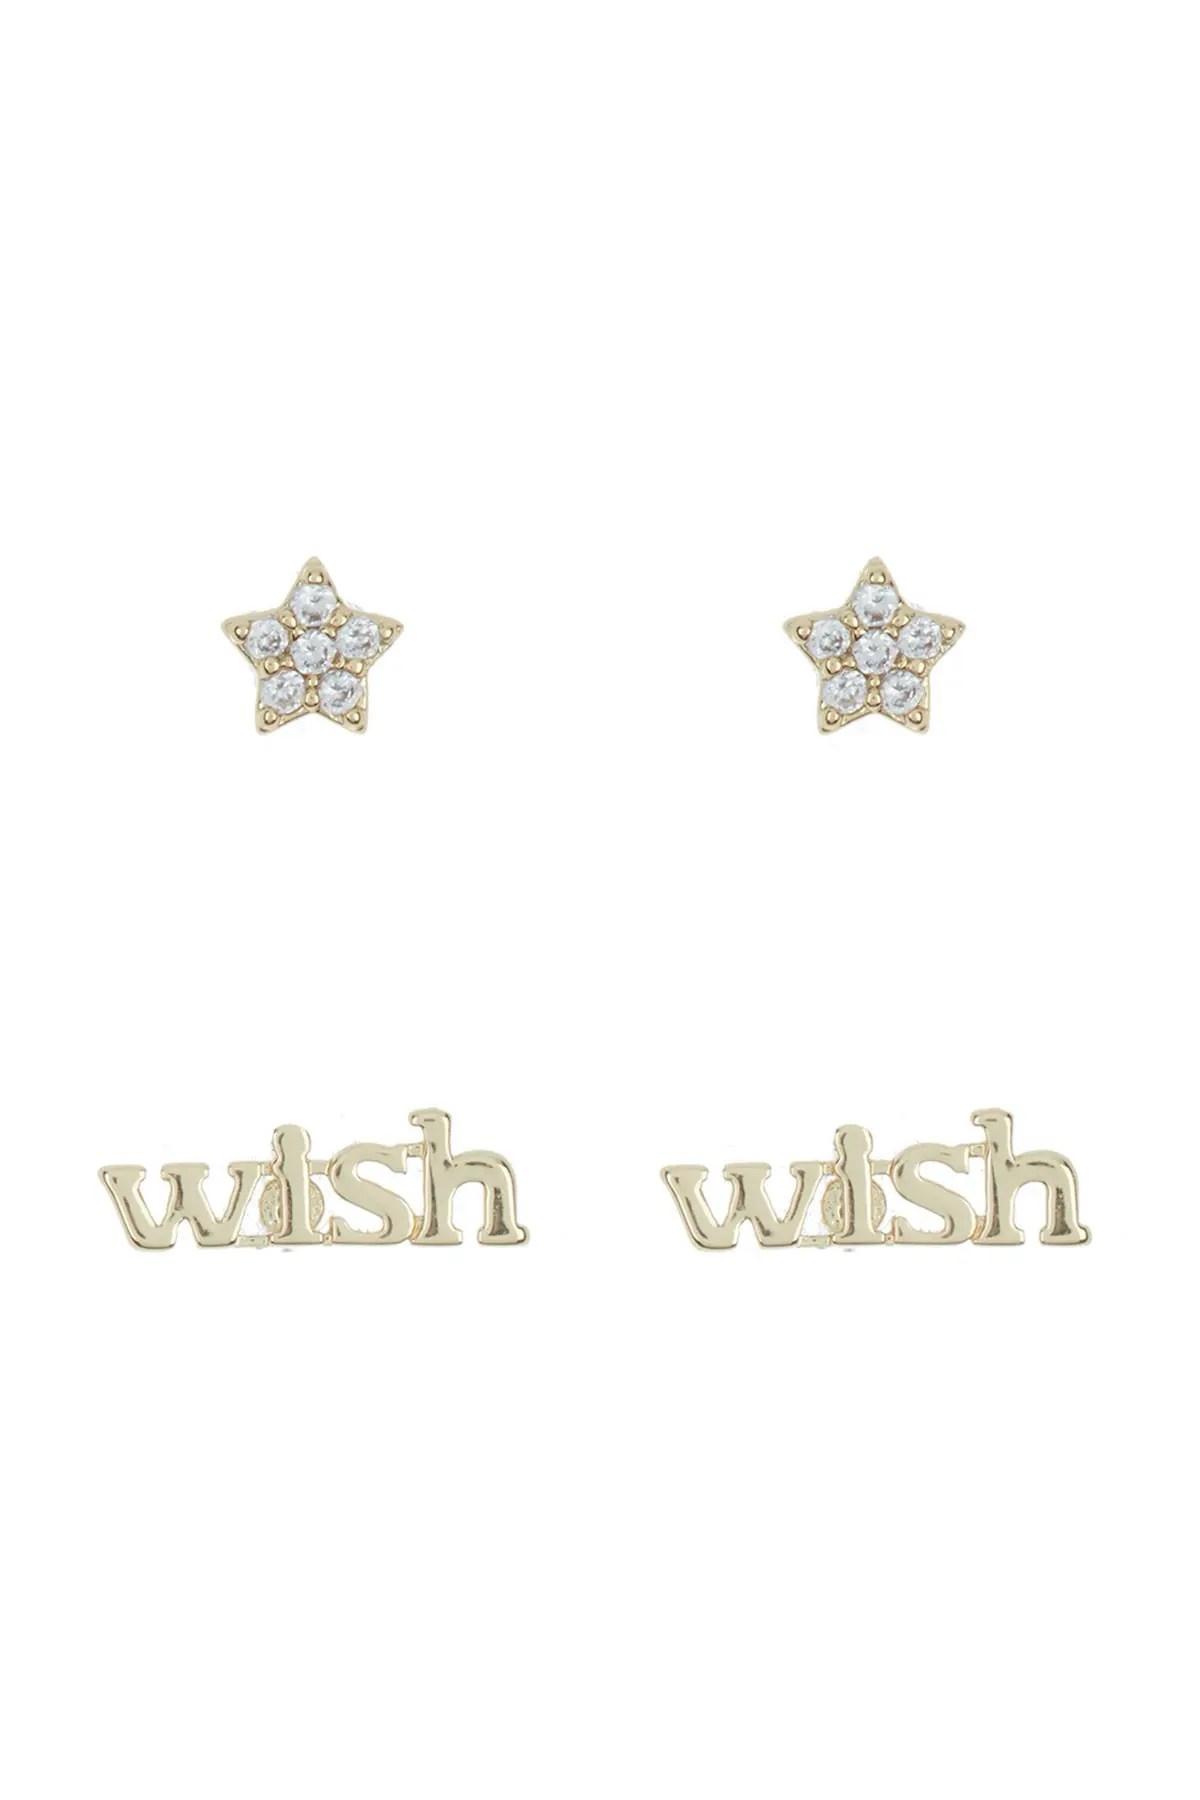 nordstrom rack wish star stud earrings set of 2 nordstrom rack